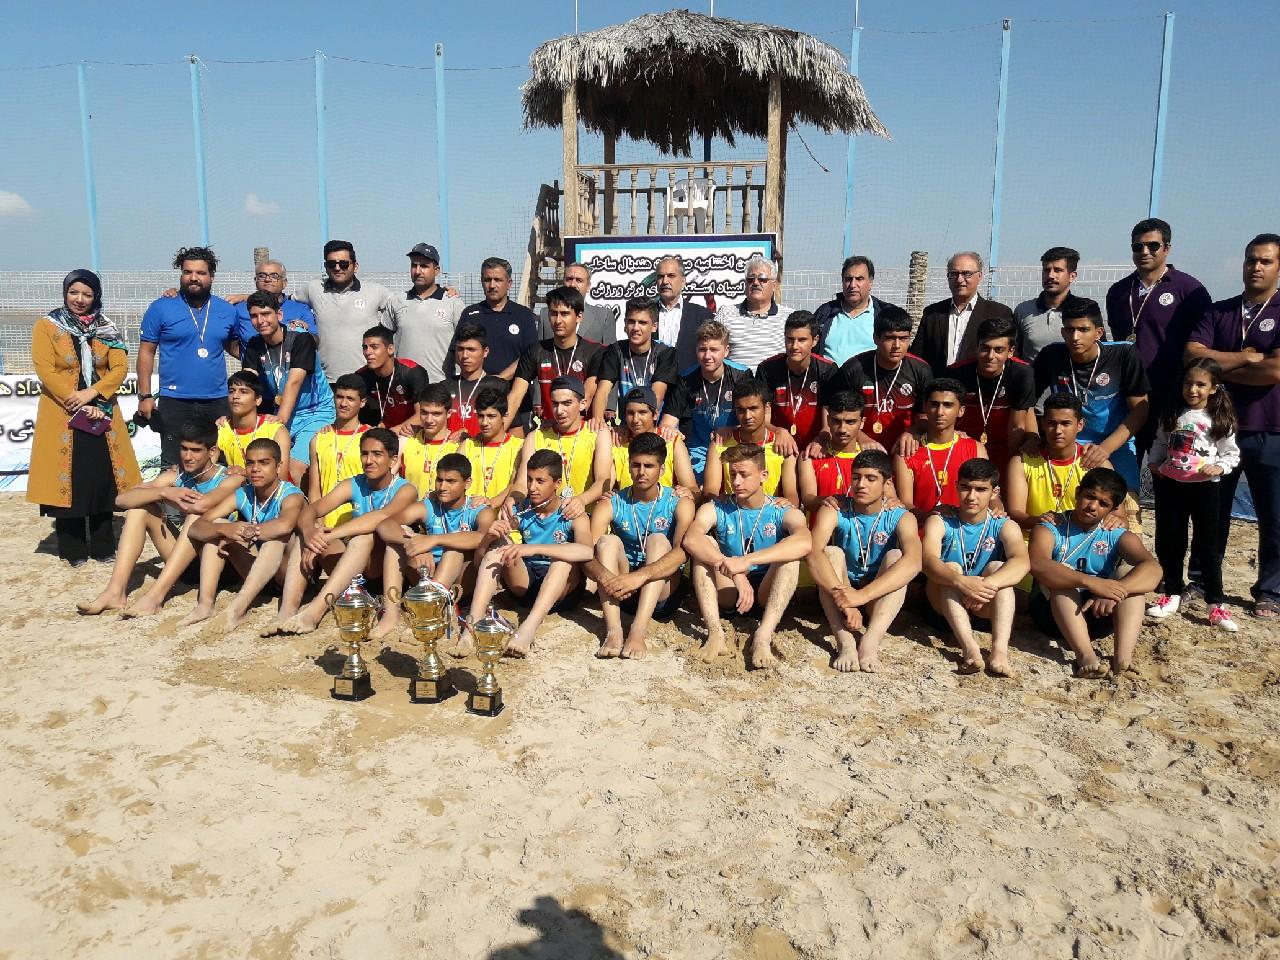 استعدادهای برتر هندبال ساحلی در بوشهر مشخص شدند